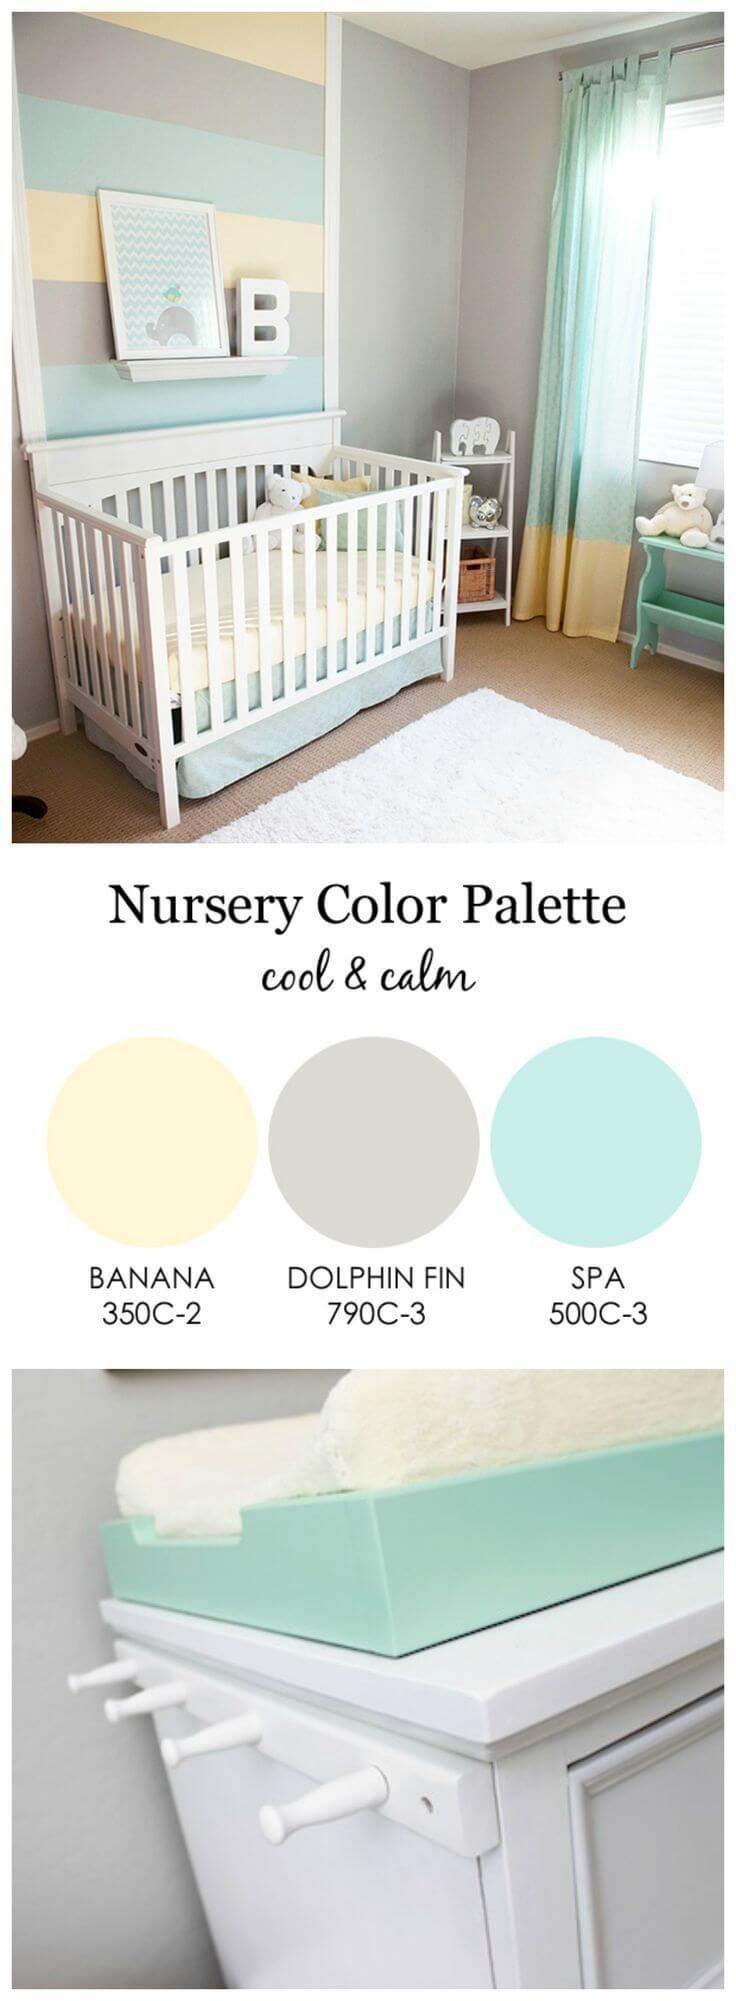 , Über 30 magische Kinderzimmer-Designs für Ihre kleinen Kinder können Sie begeistert … –   # Check more at baby.yoruks.com/…, My Babies Blog 2020, My Babies Blog 2020